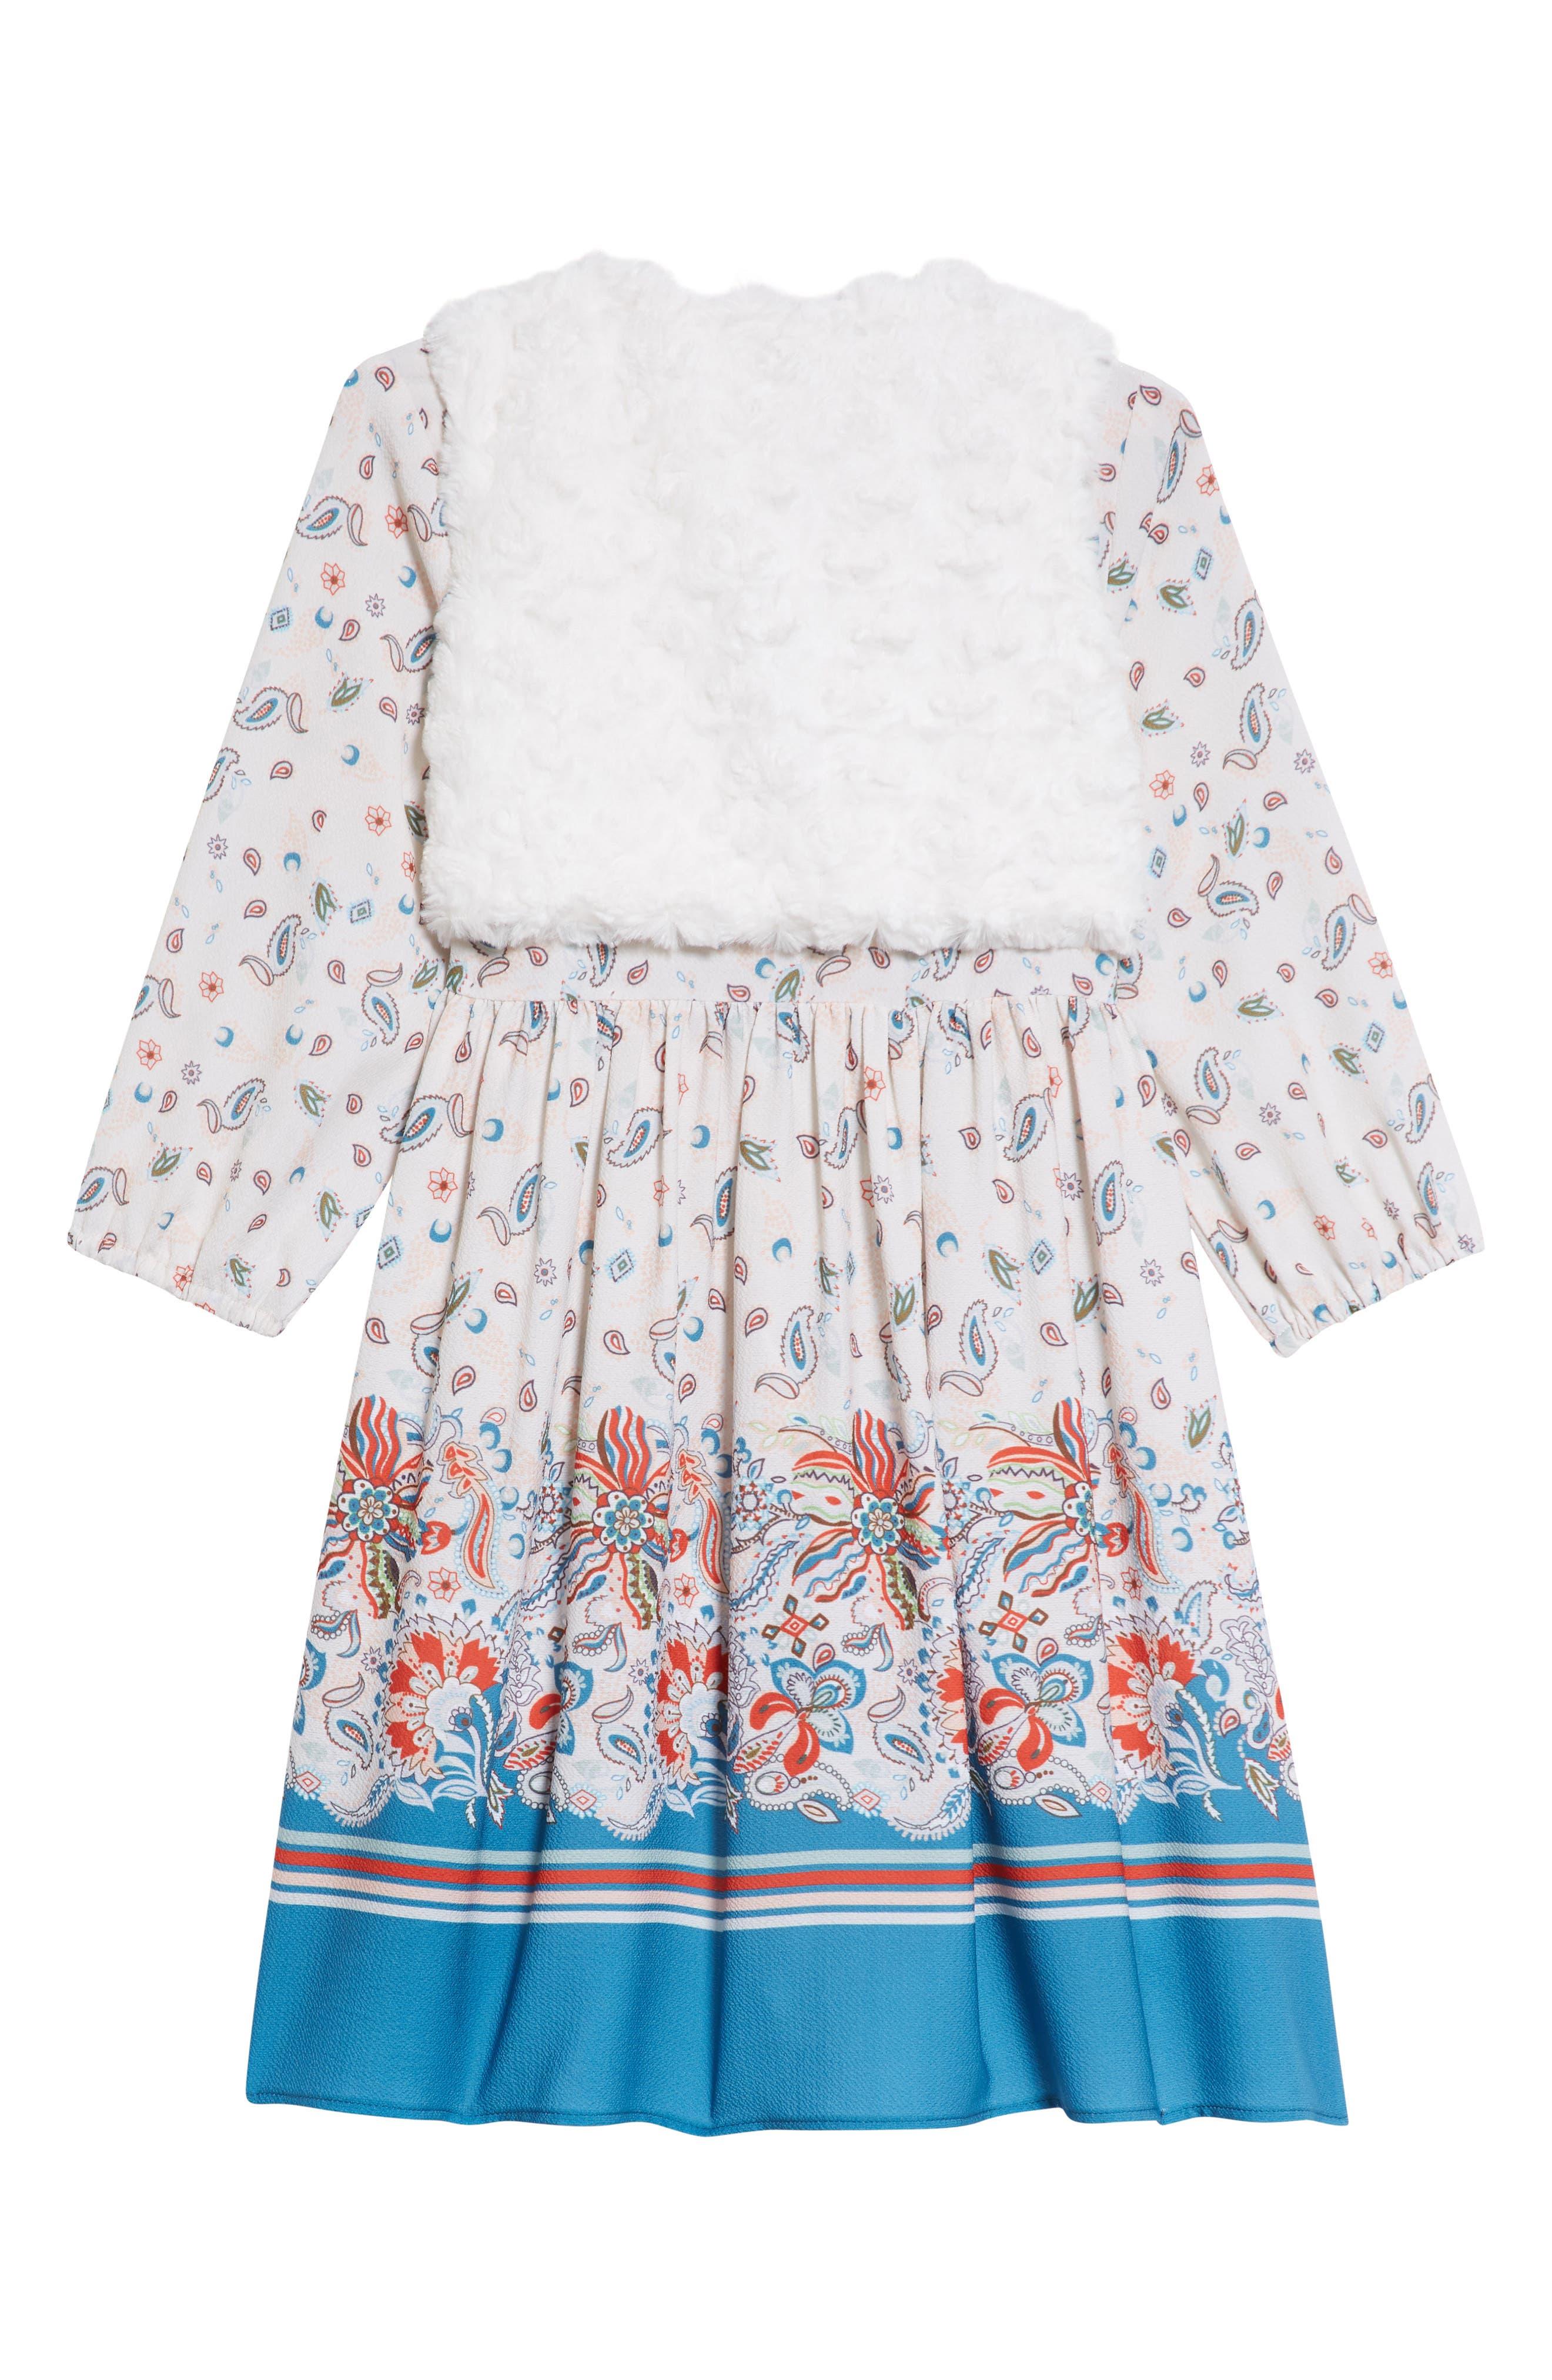 PIPPA & JULIE, Boho Paisley Dress & Faux Fur Vest Set, Alternate thumbnail 2, color, 900